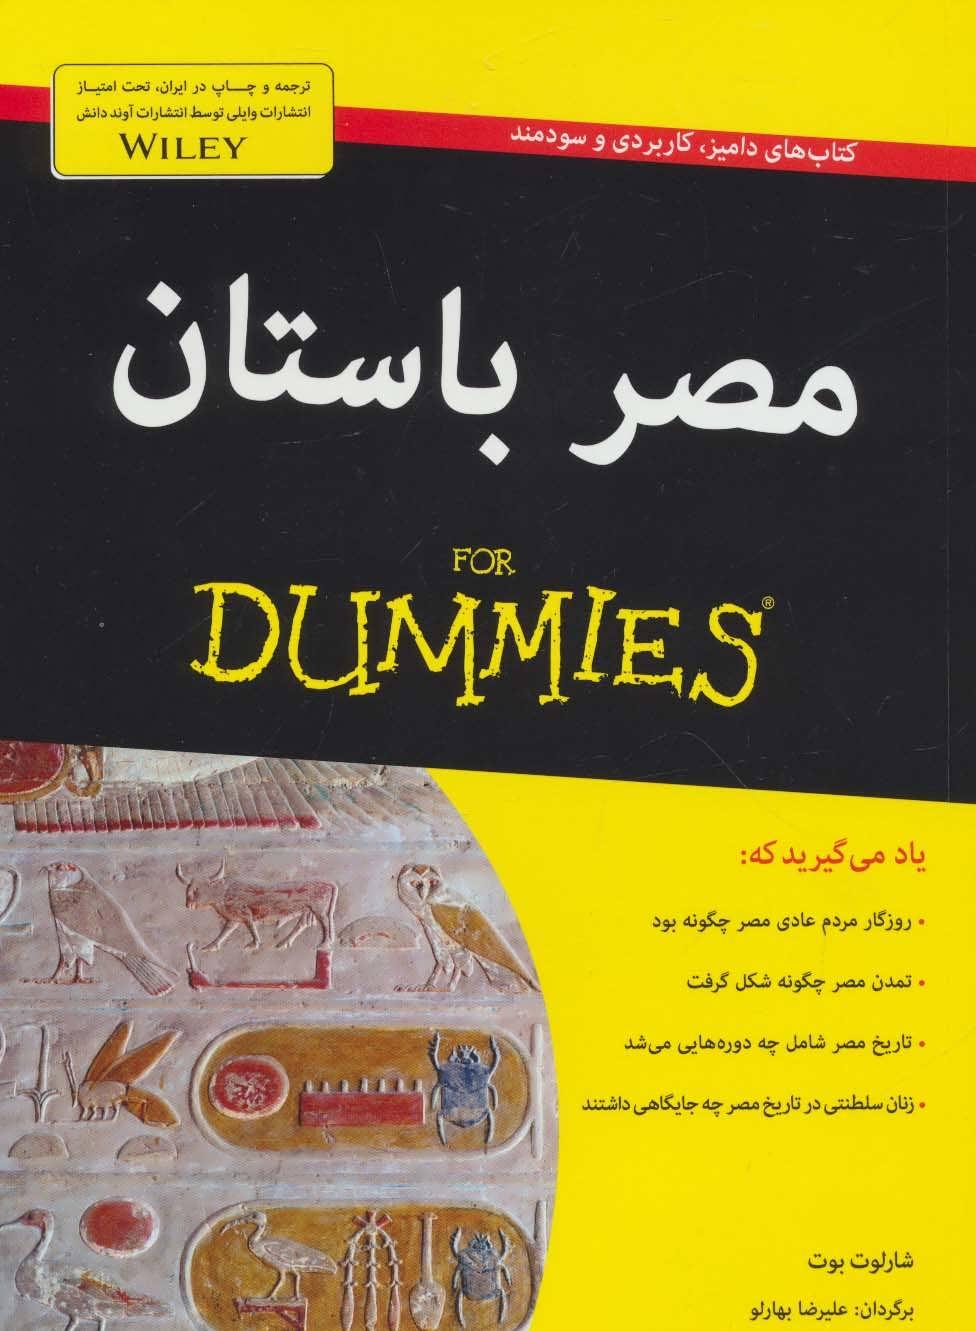 کتاب های دامیز (مصر باستان)